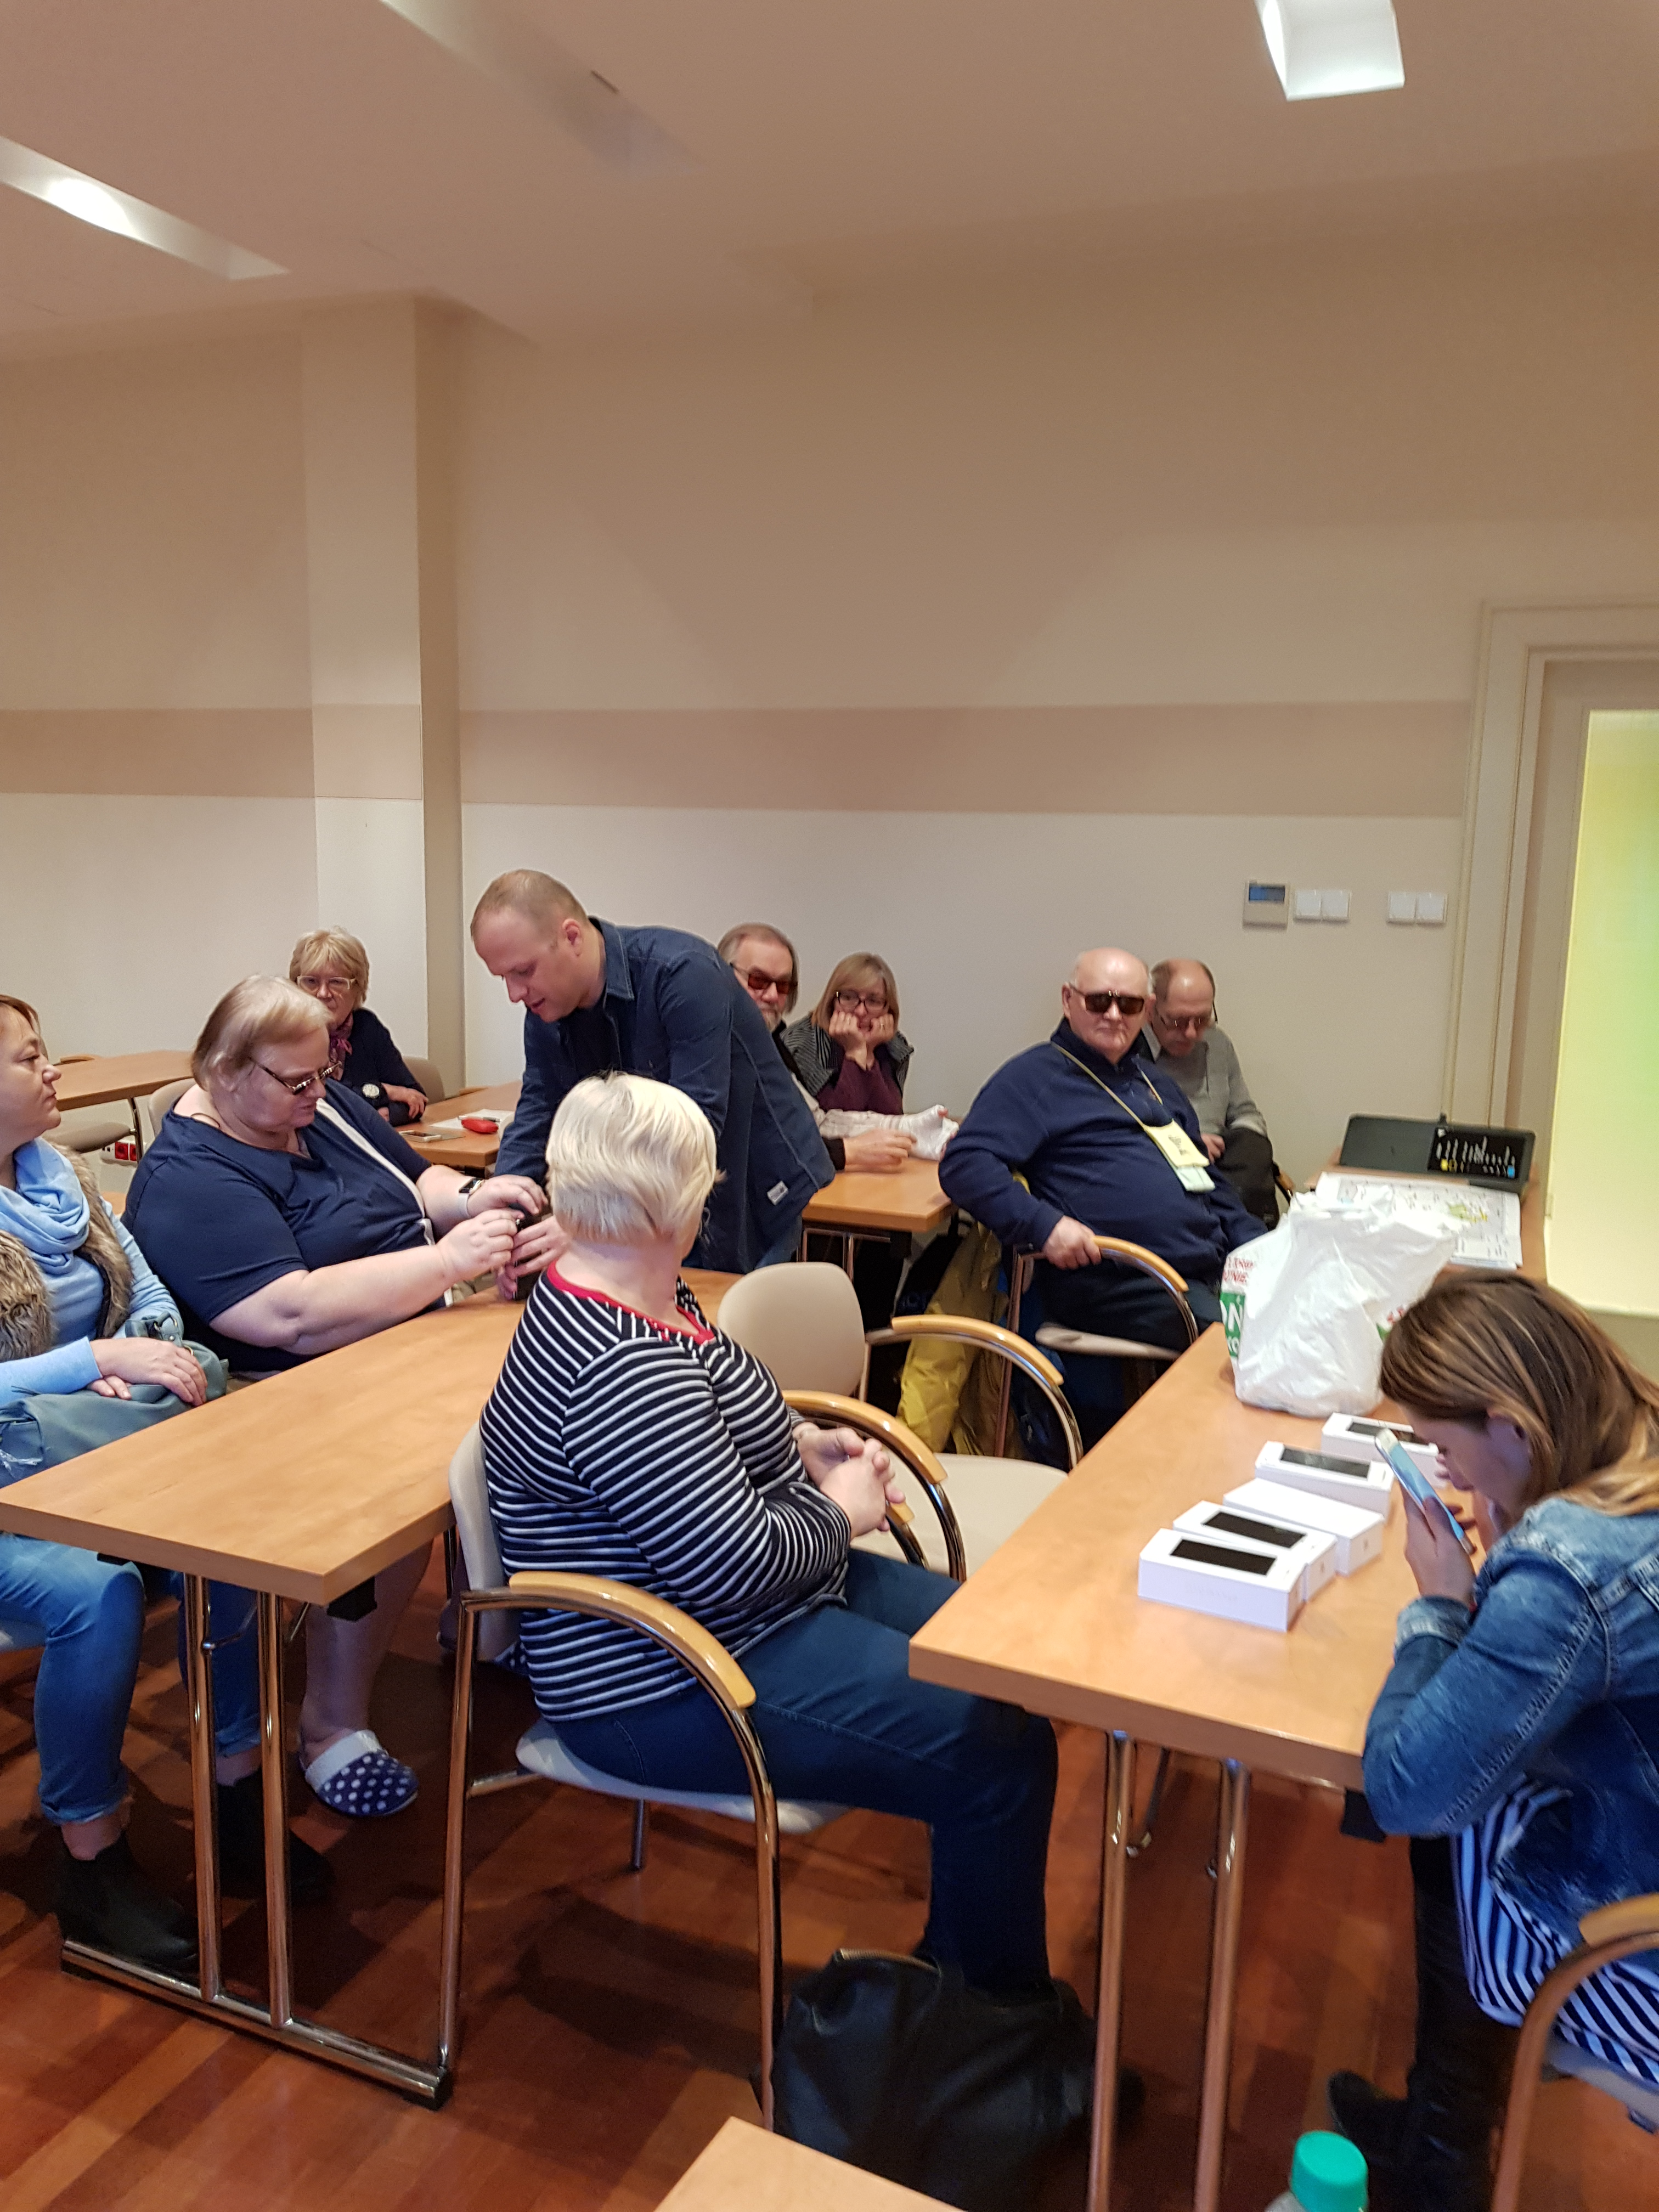 Czas swobodnego testowania smartfonów, instruktorzy wspierający poszczególnych uczestników